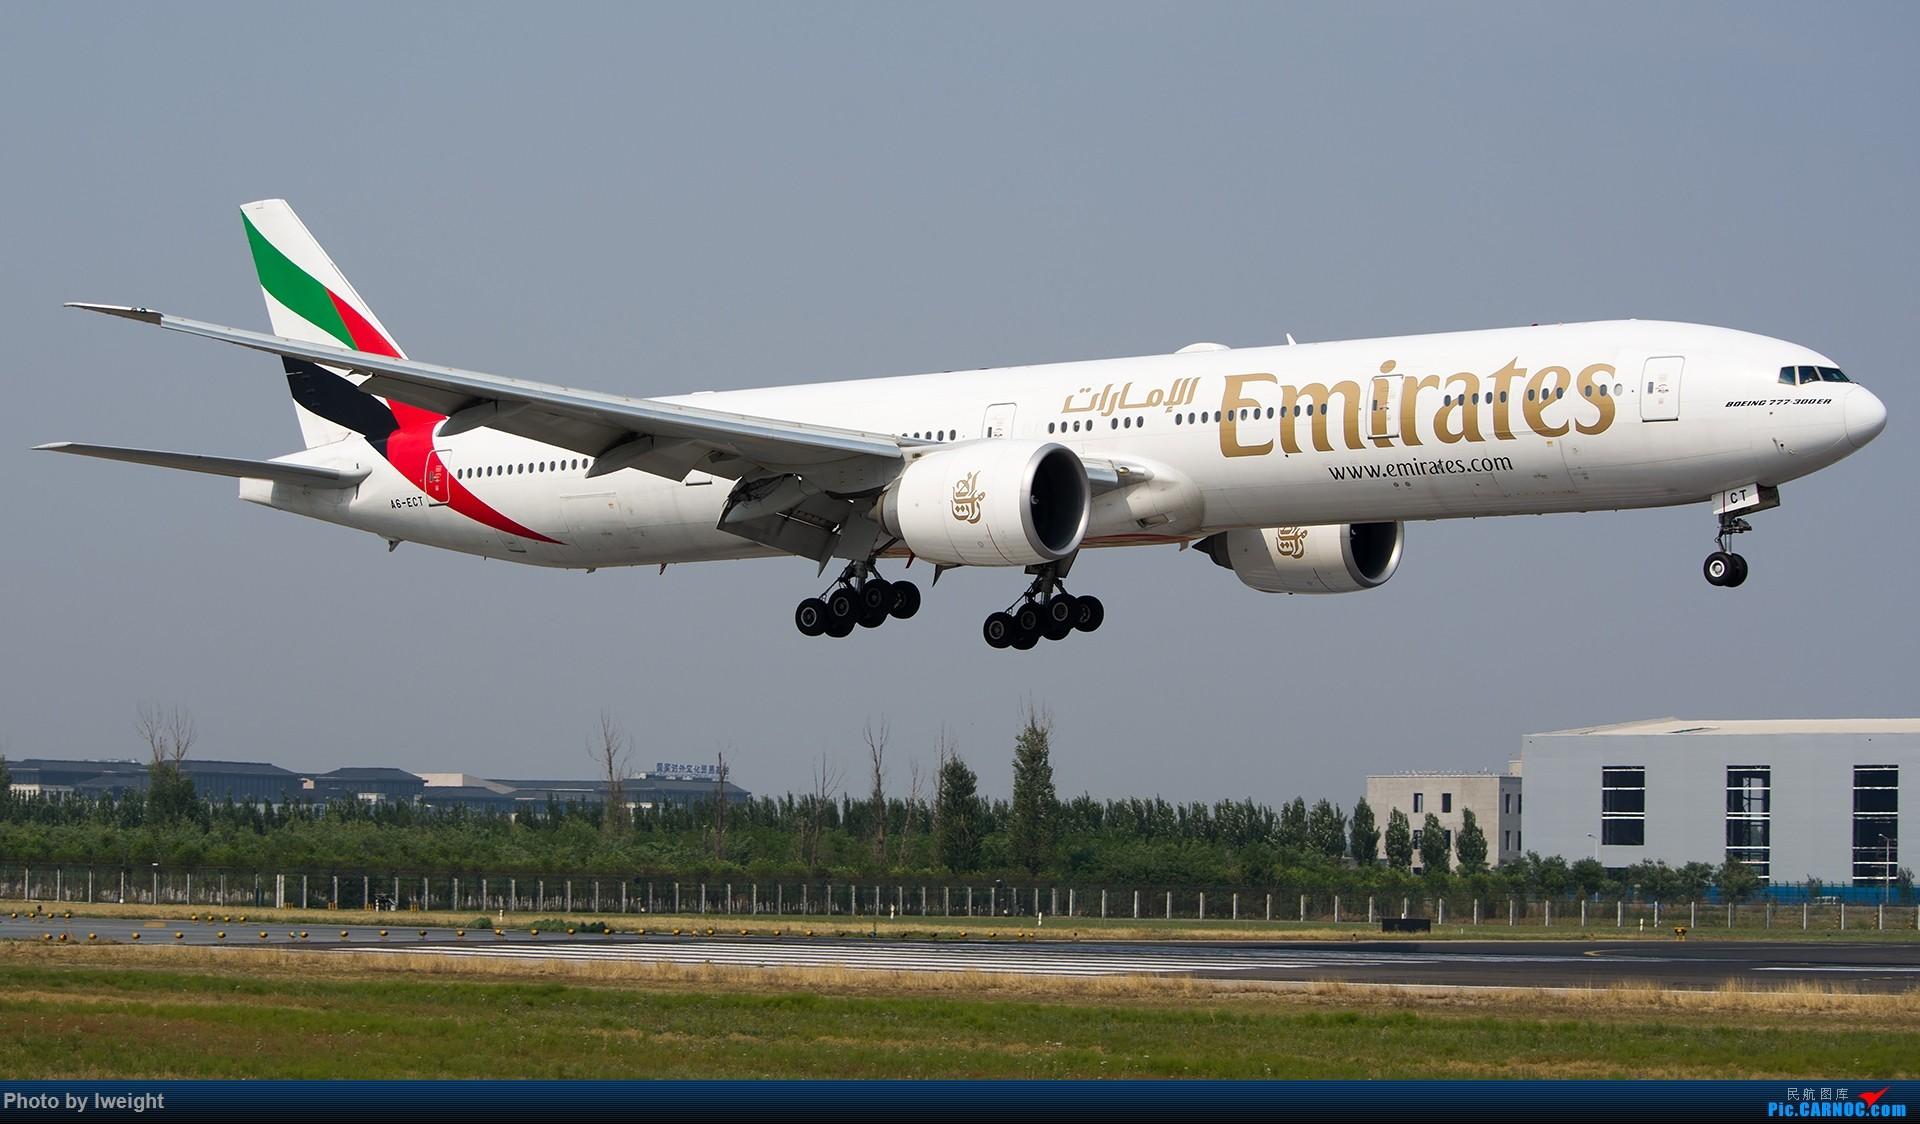 Re:[原创]周末帝都霾天拍机,凑合看看吧【2015-5-23】 BOEING 777-300ER A6-ECT 中国北京首都国际机场